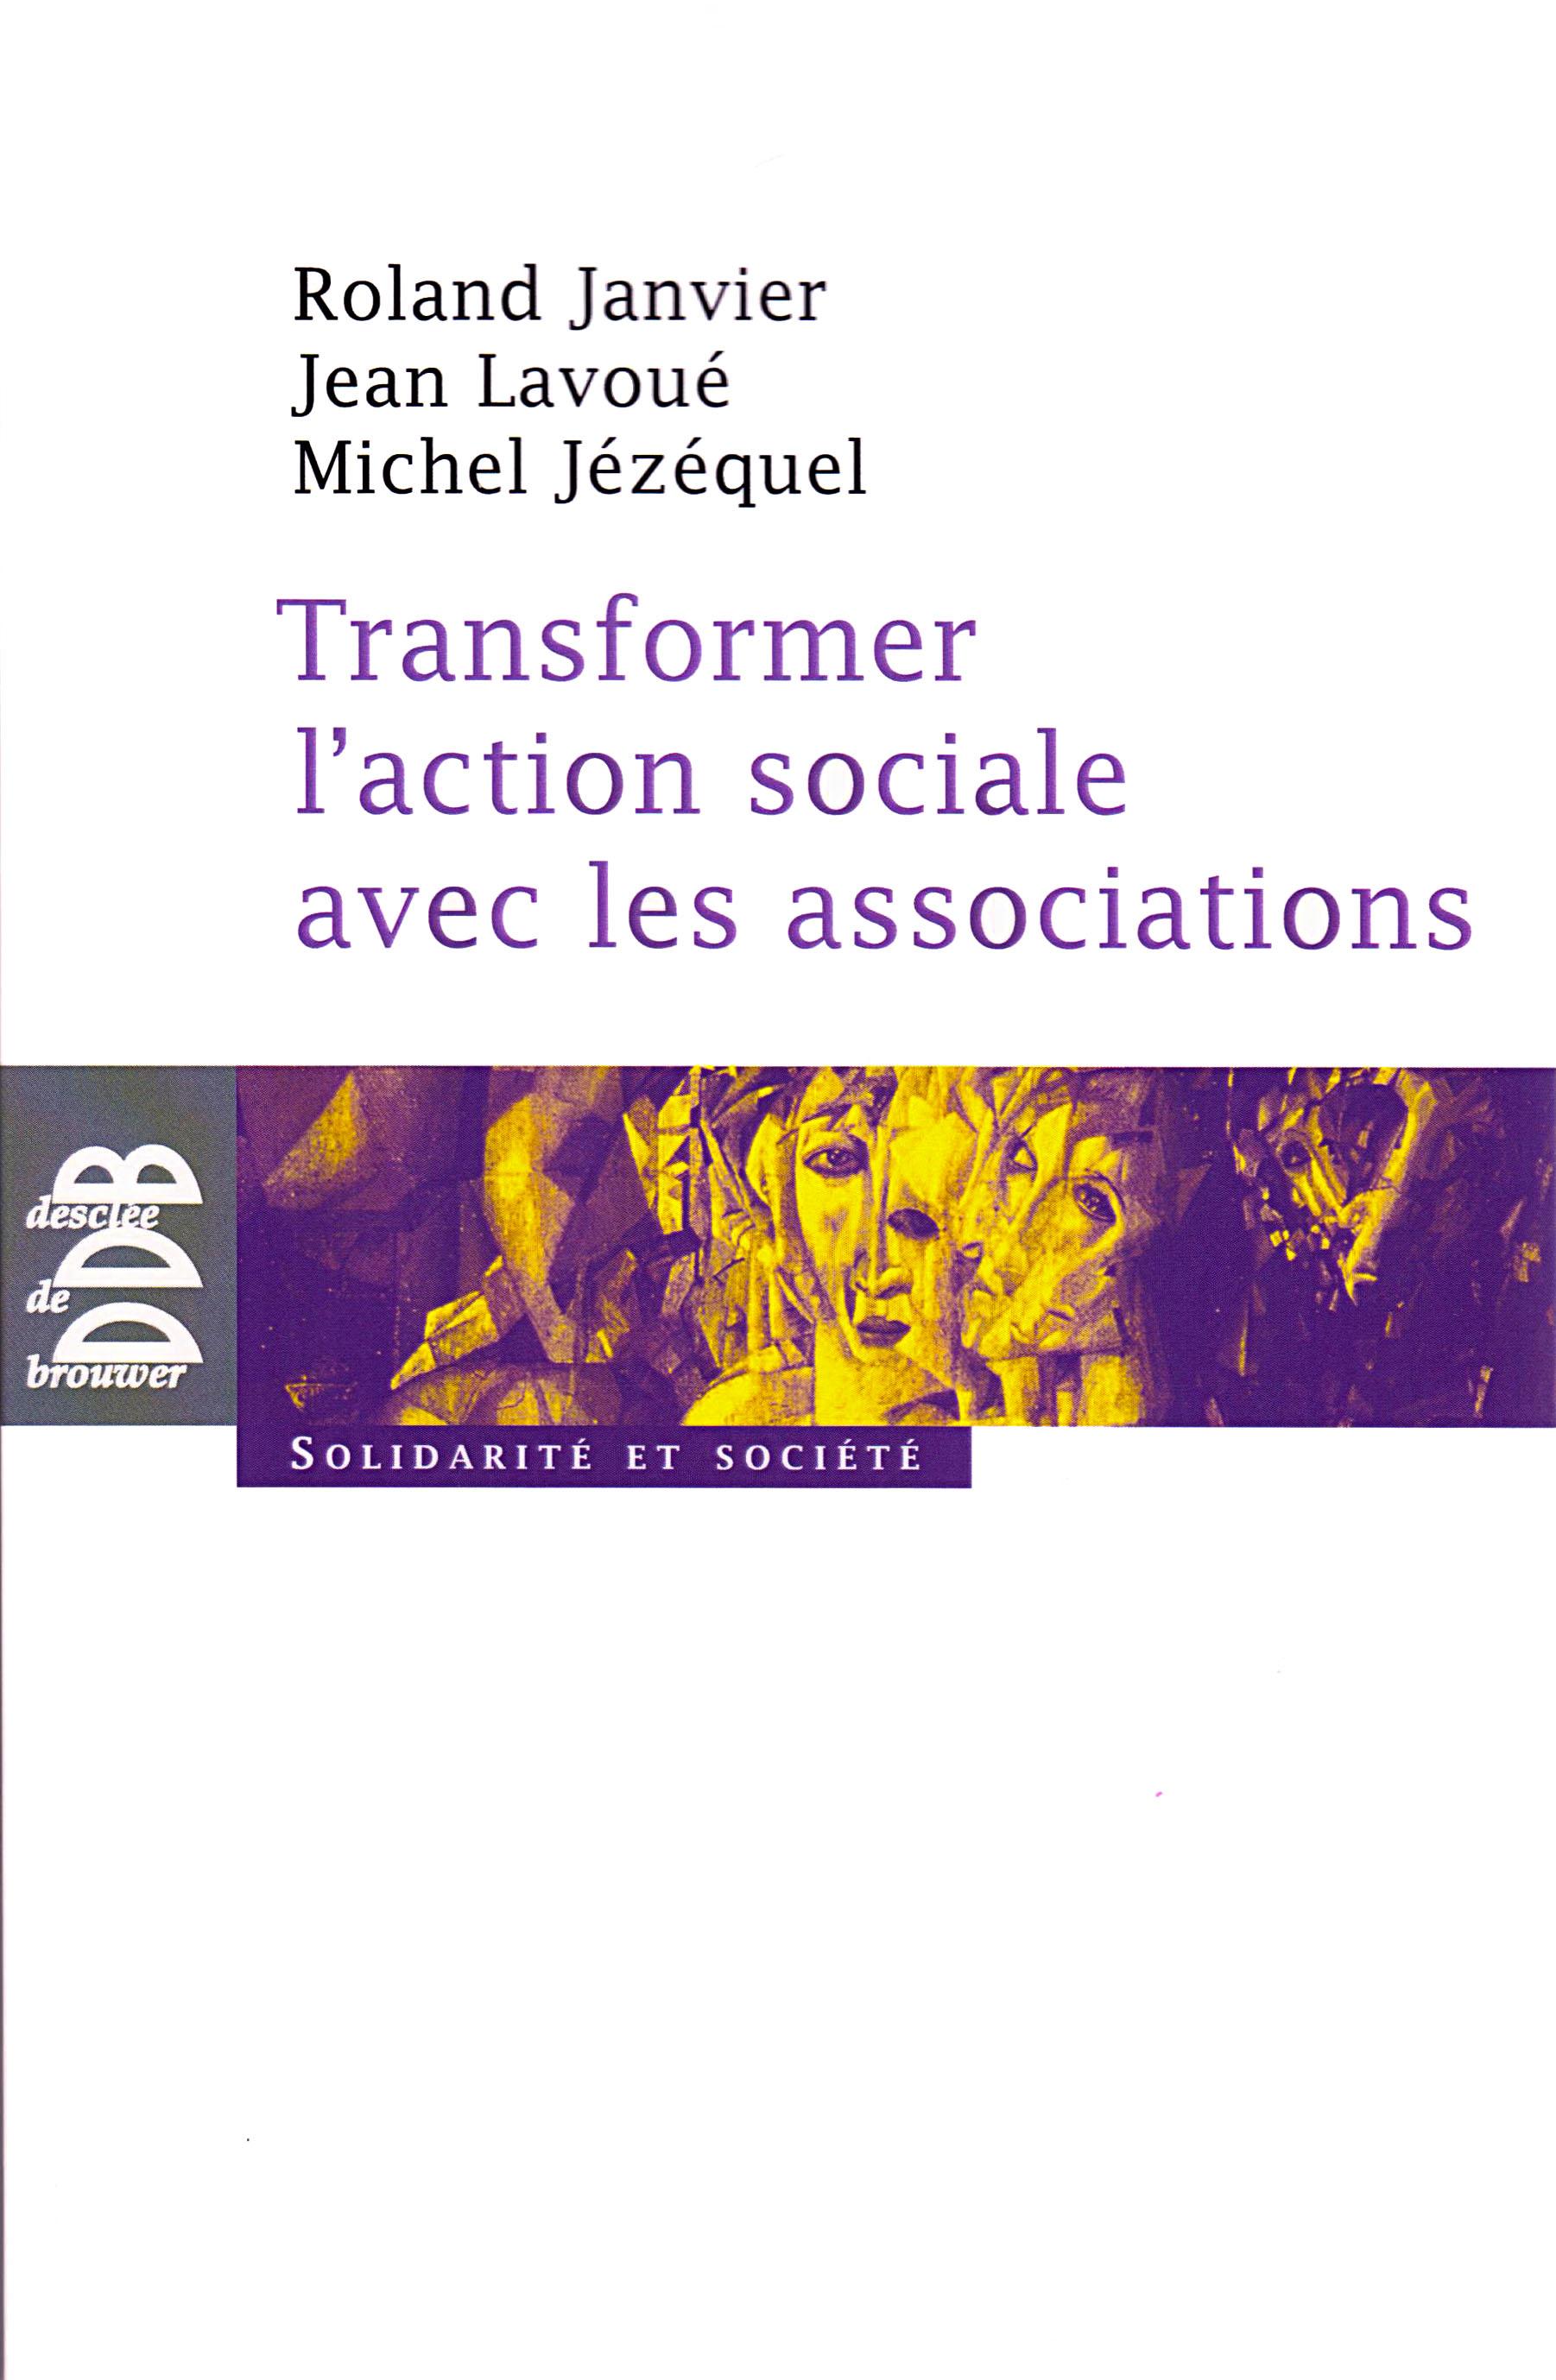 Transformer l'action sociale avec les associations